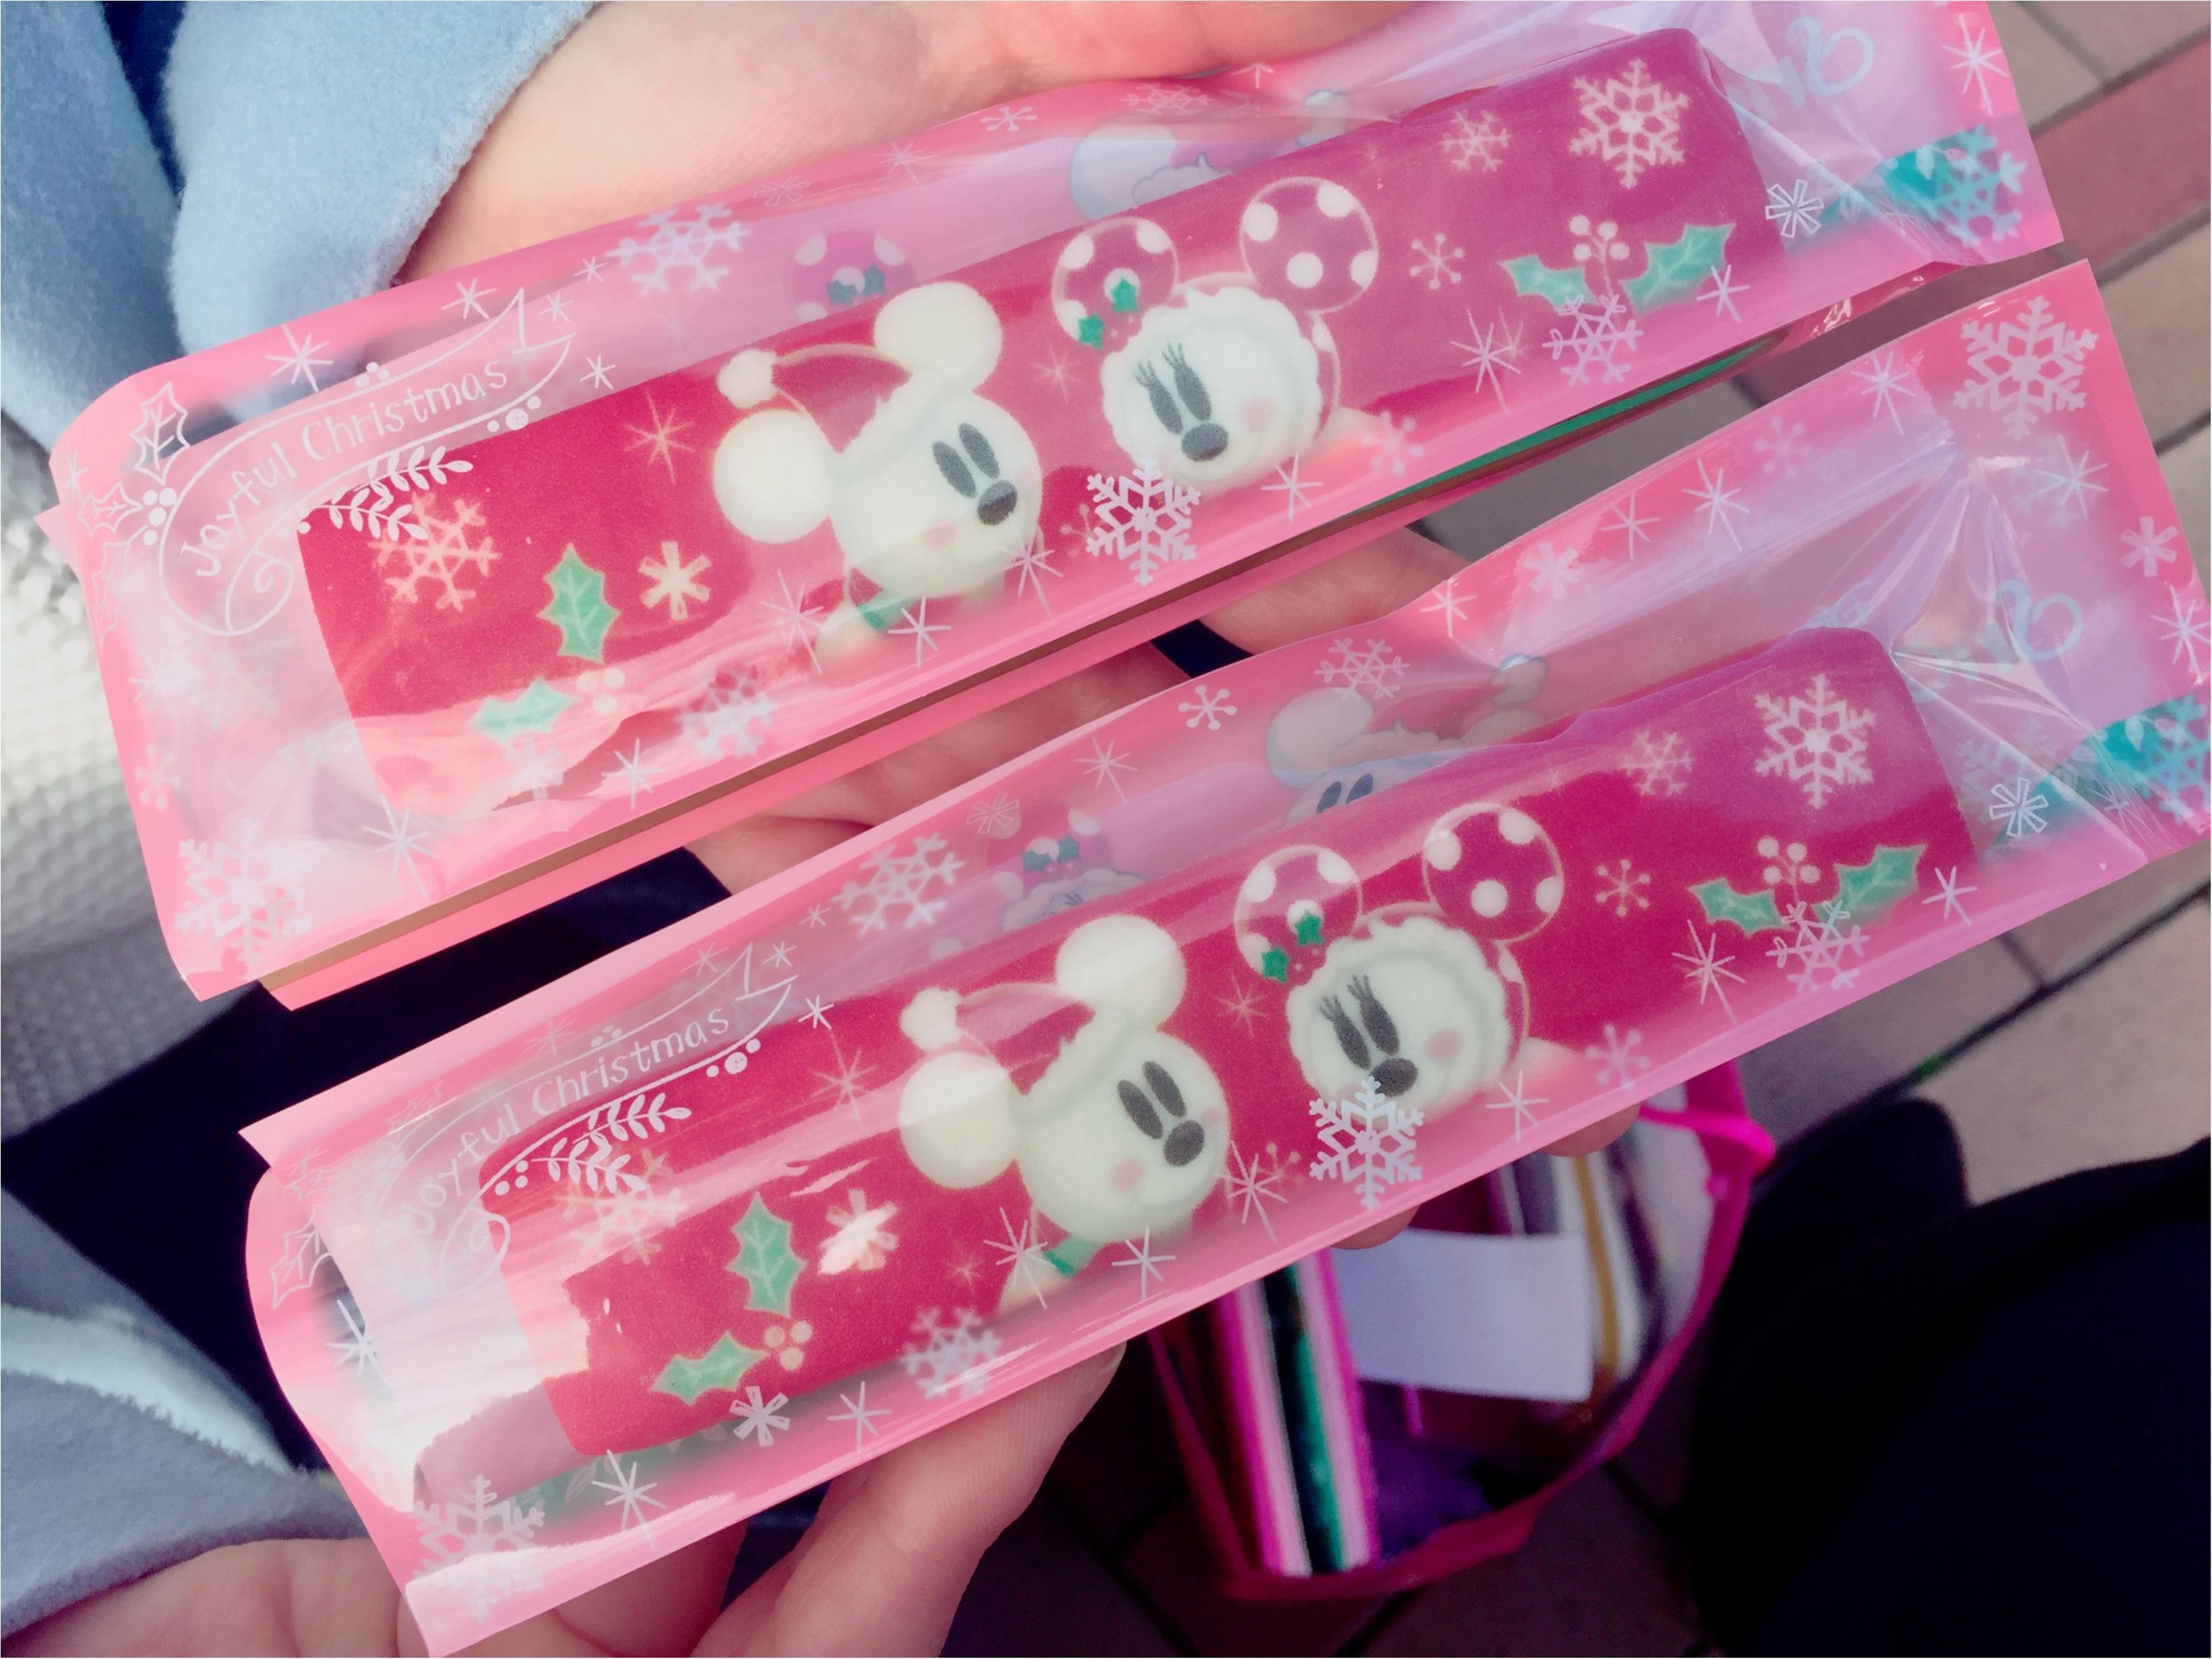 【♥︎♥︎♥︎】クリスマスのディズニーフードはクッキーサンドがインスタ映え間違いなし♡_2